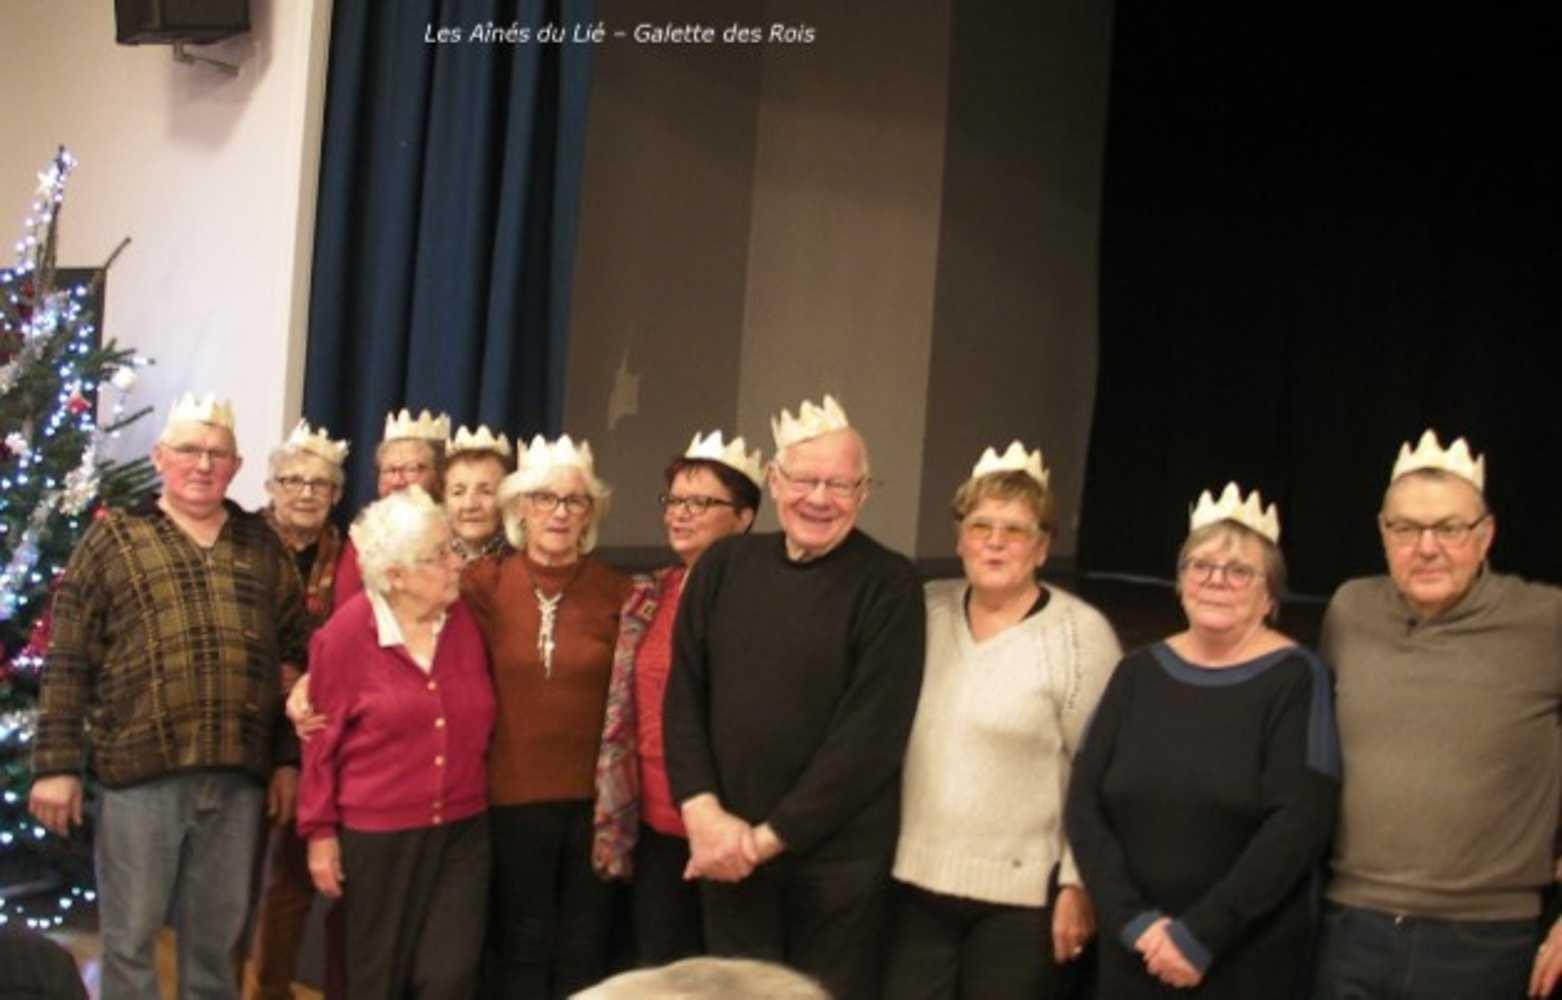 Les Aînés du Lié : photos de la galette des rois 0